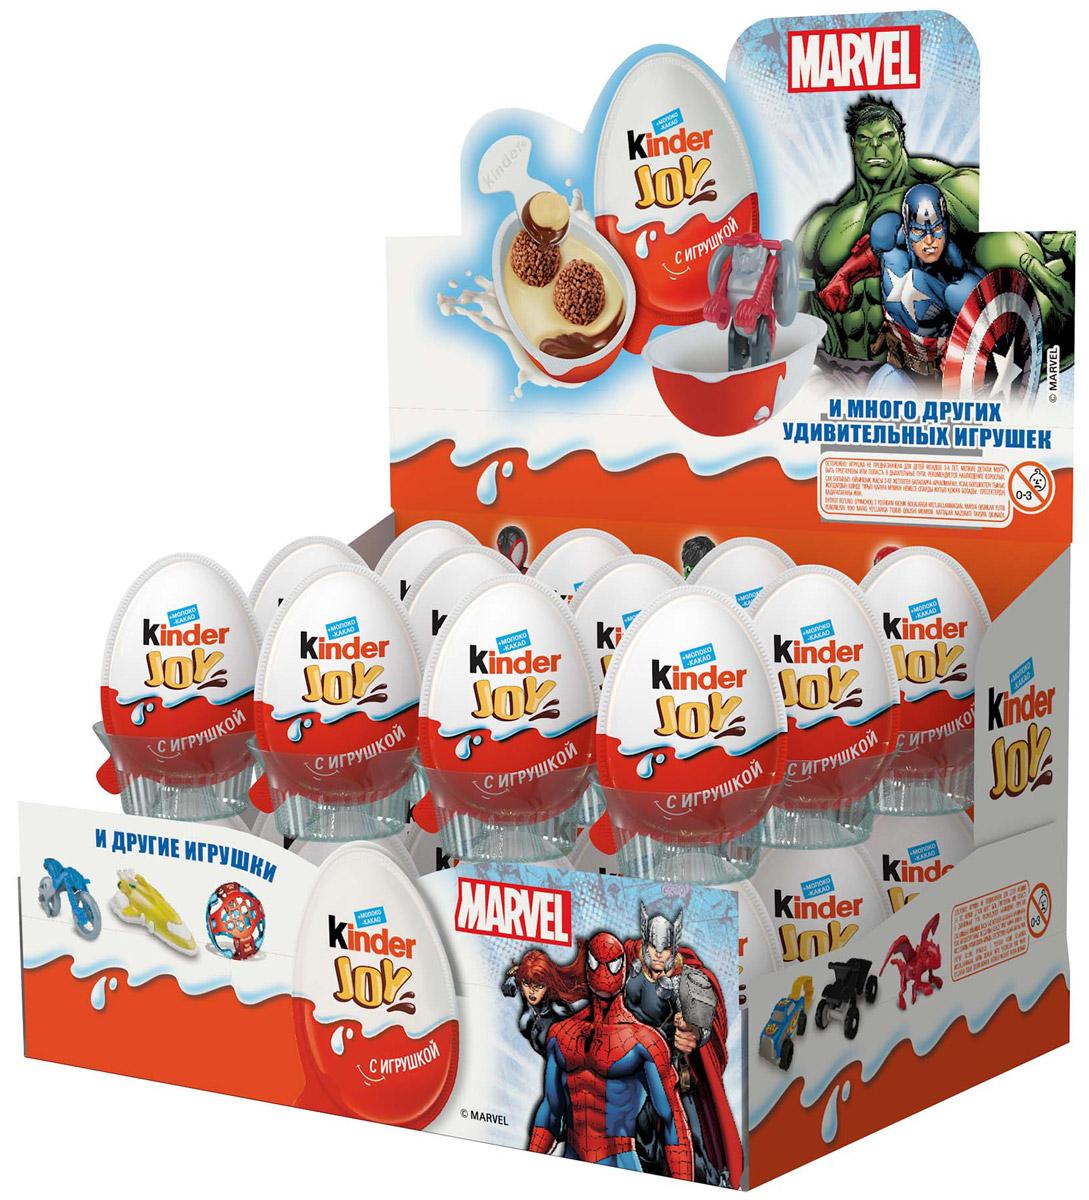 Kinder Joy Marvel кондитерское изделие с игрушкой, 21 г0120710Кондитерское изделие Kinder Joy с игрушкой: молочно-ореховая паста с какао и с двумя вафельными шариками, покрытыми какао.